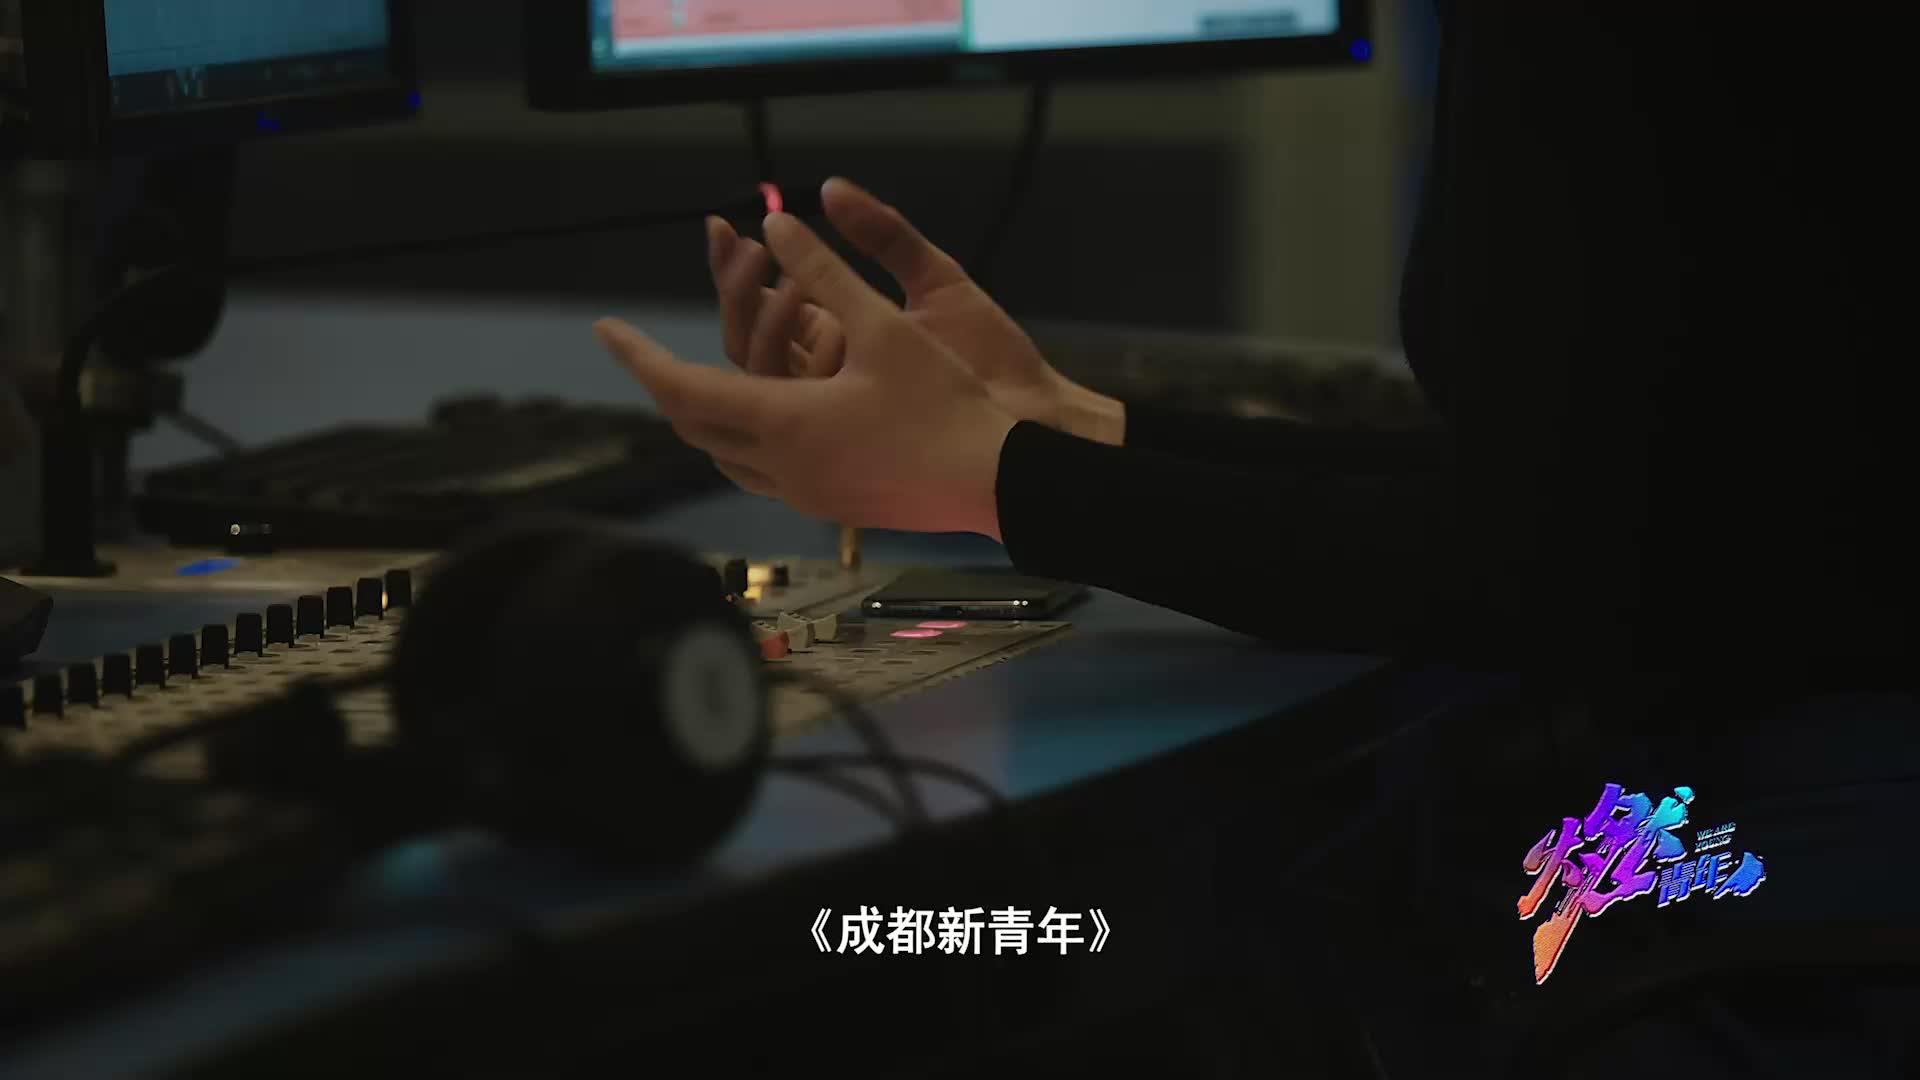 """""""共筑中国梦""""主题优秀作品:《燃青年:后电台时代的新青年  独立音乐人——思斯》(第三集)"""